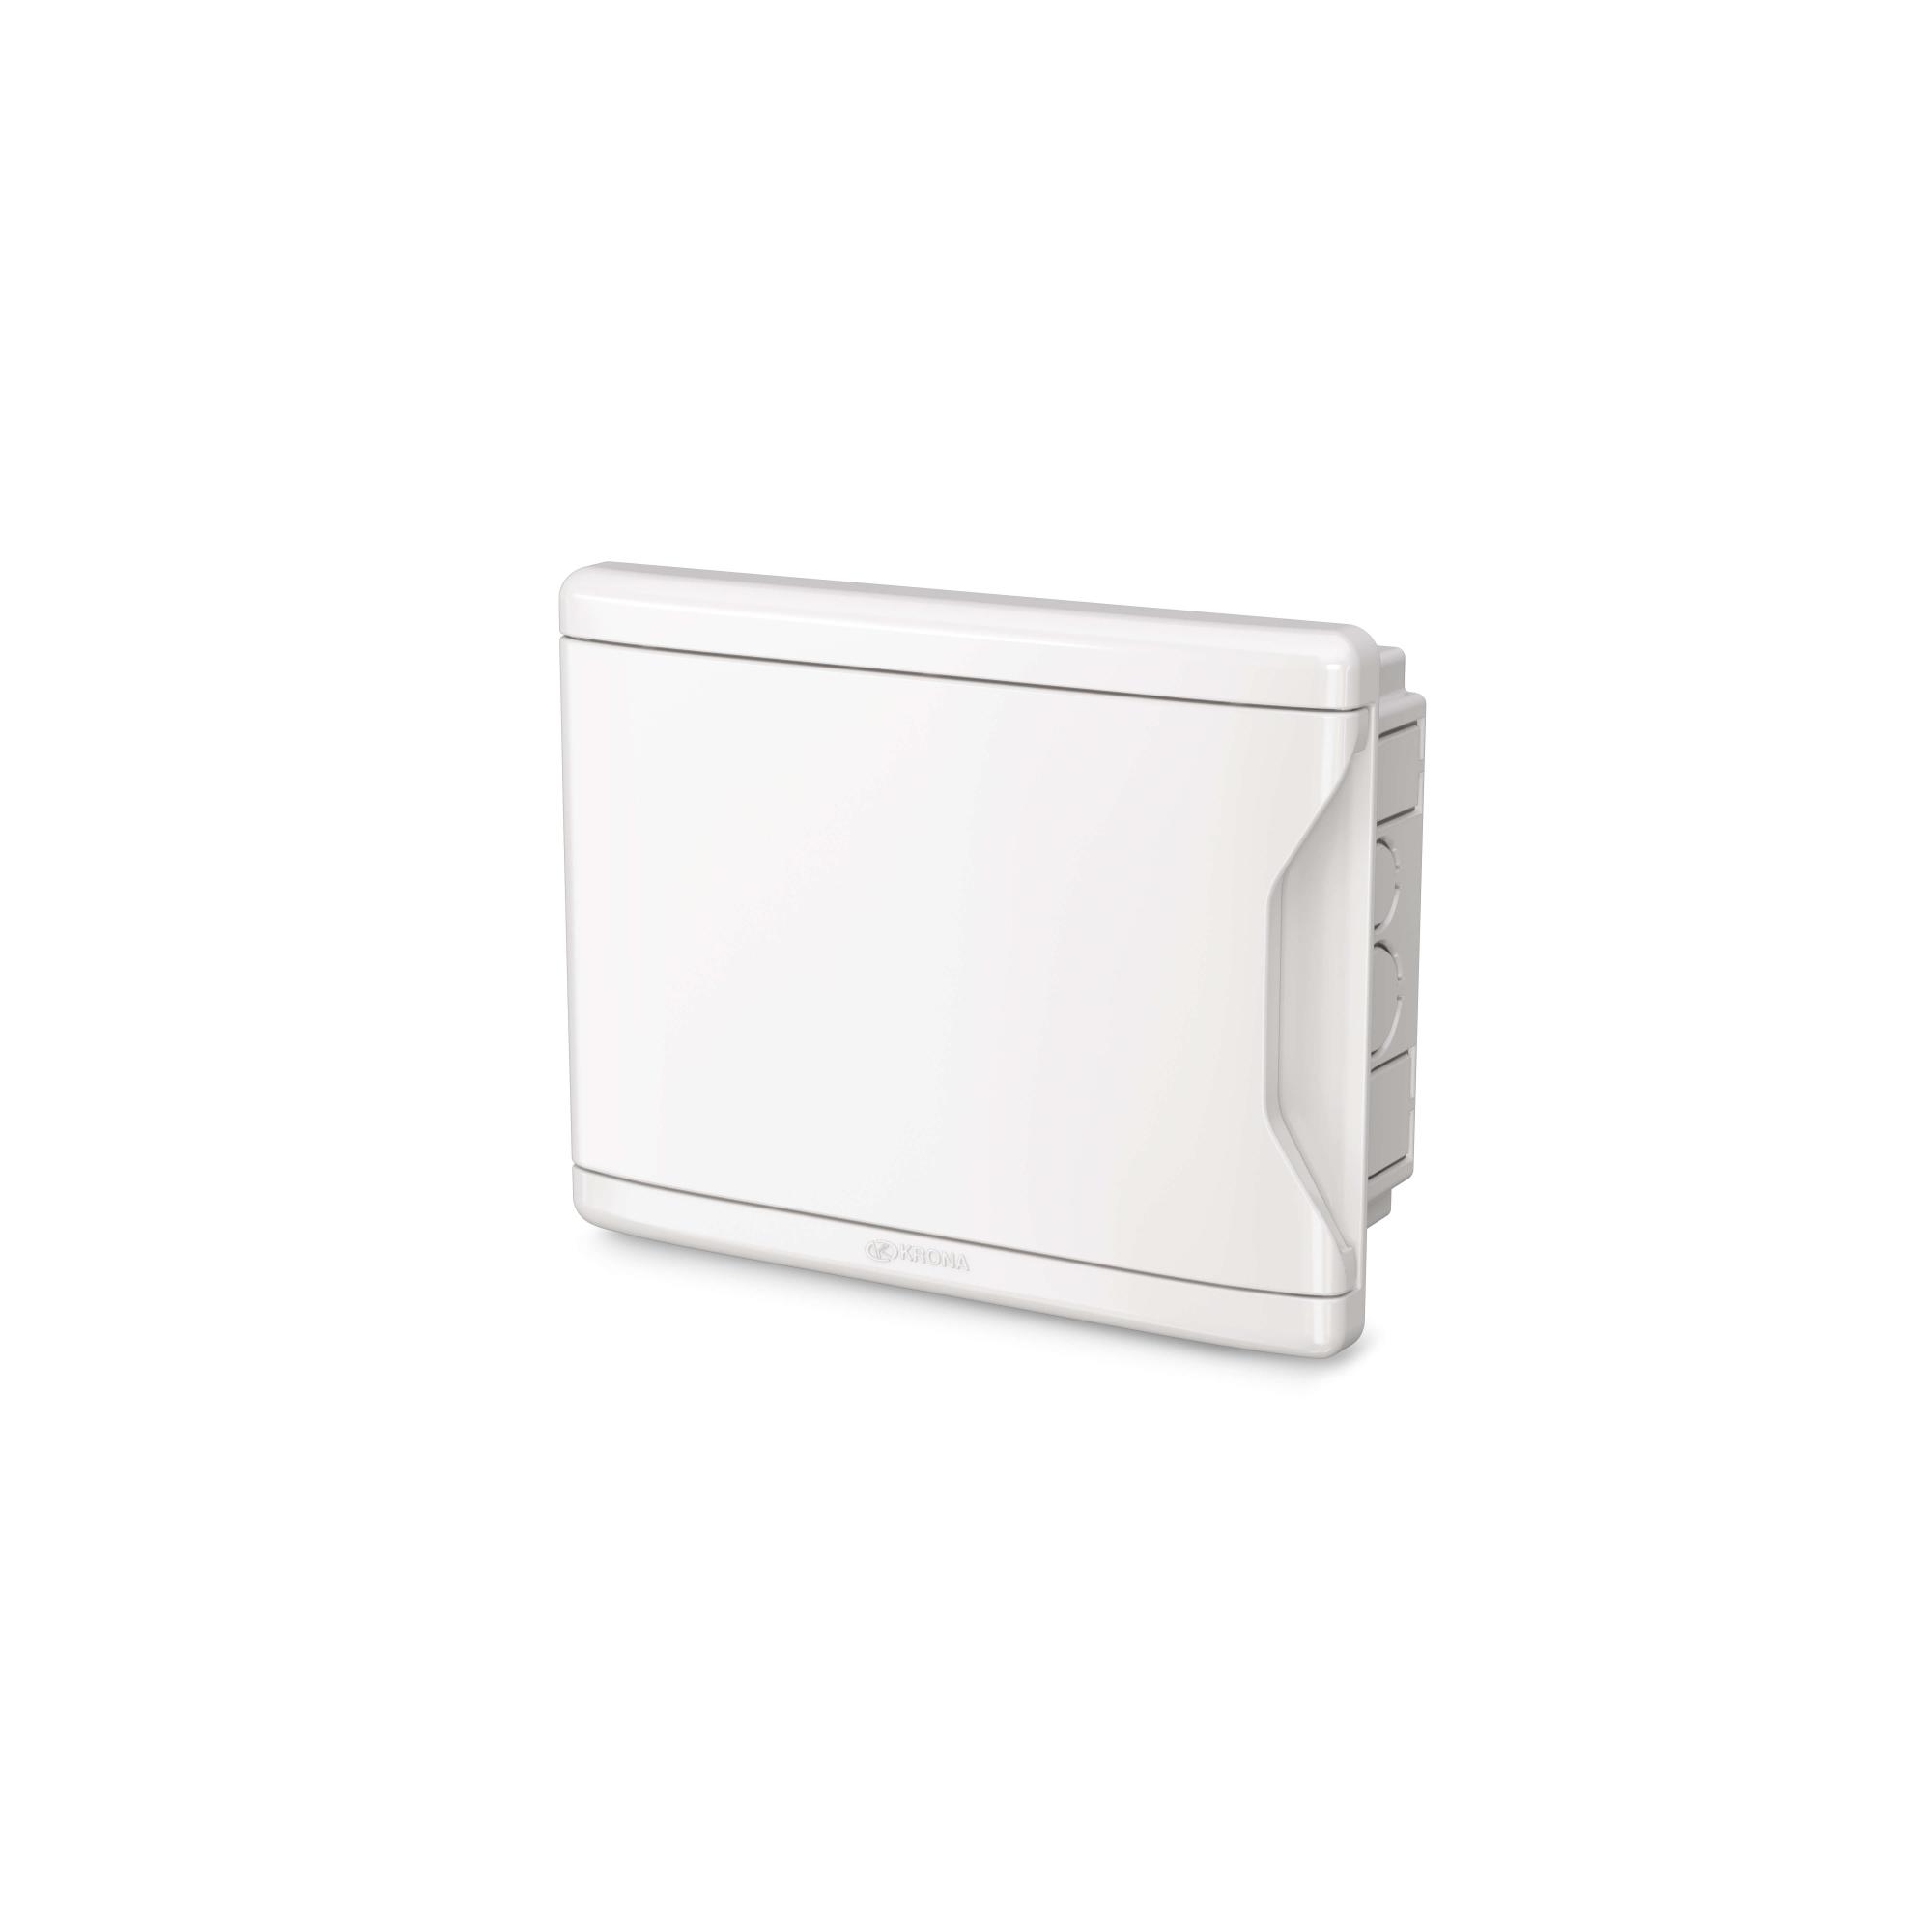 Quadro de Distribuição Krona 1270 sem Barramento de Embutir 4D/3N Branco